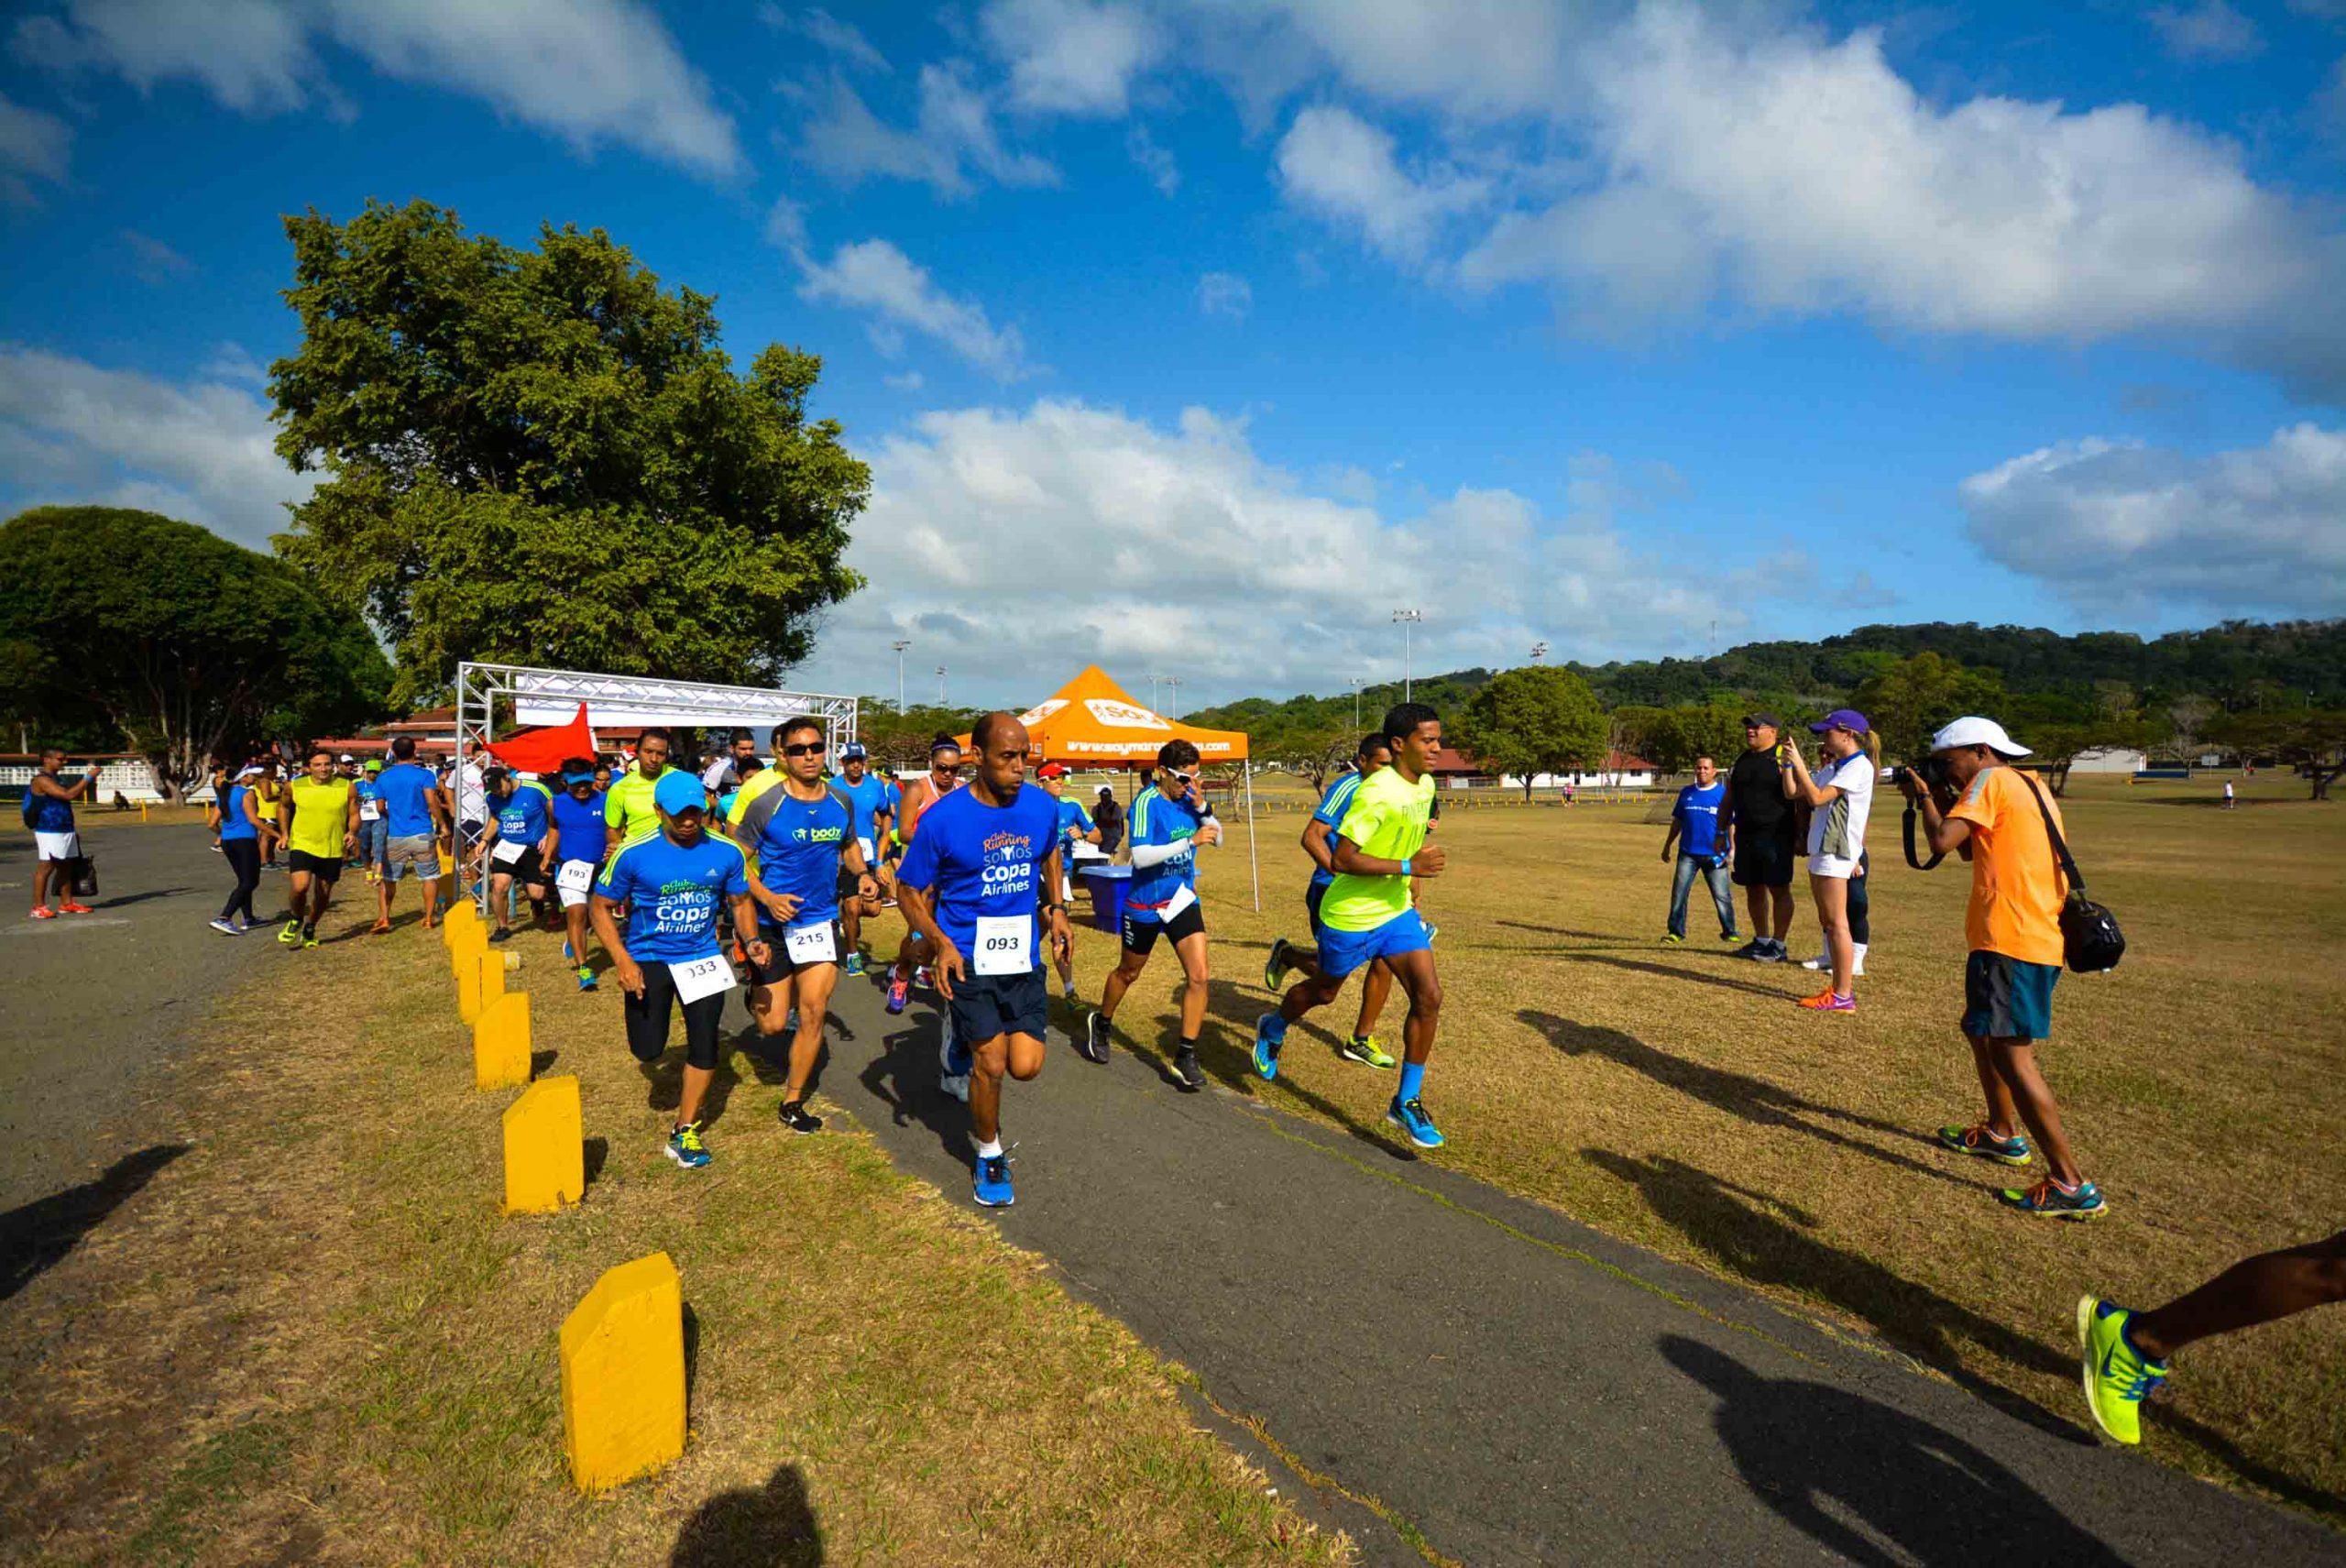 Copa Airlines realiza Carrera Caminata 3k